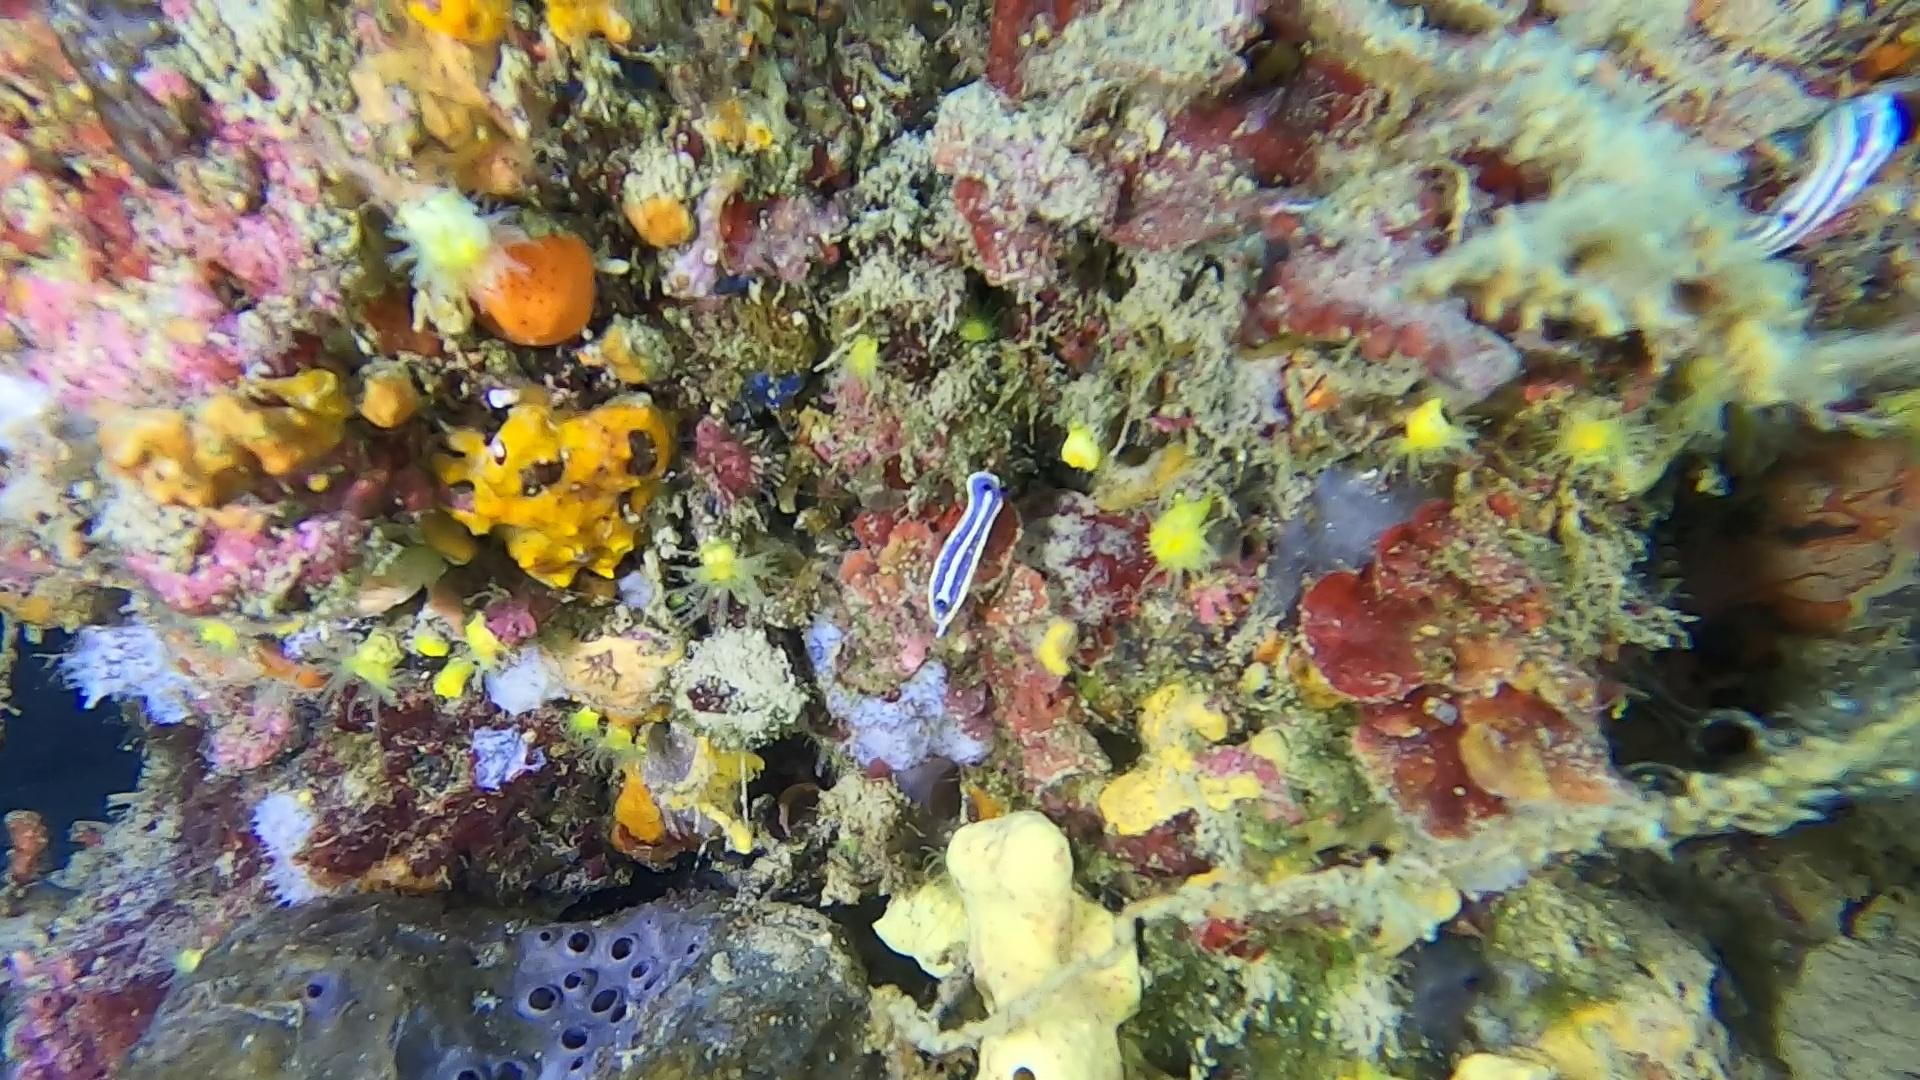 Doride tricolore Felimare tricolor Nudibranchi intotheblue.it